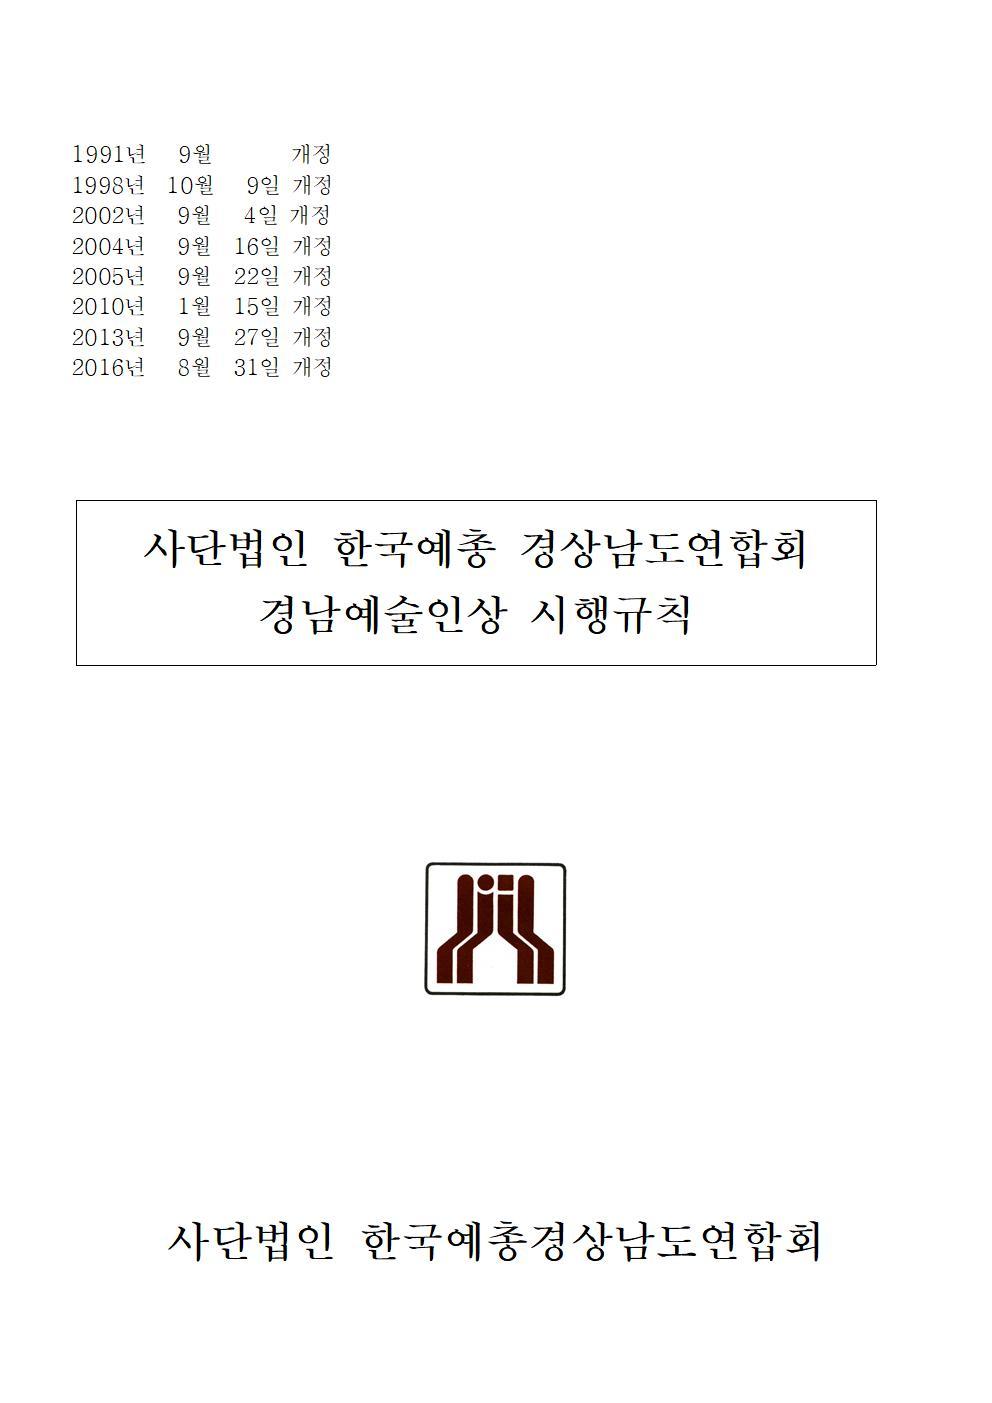 경남예술인상 시행규칙 개정(20160831)001.jpg